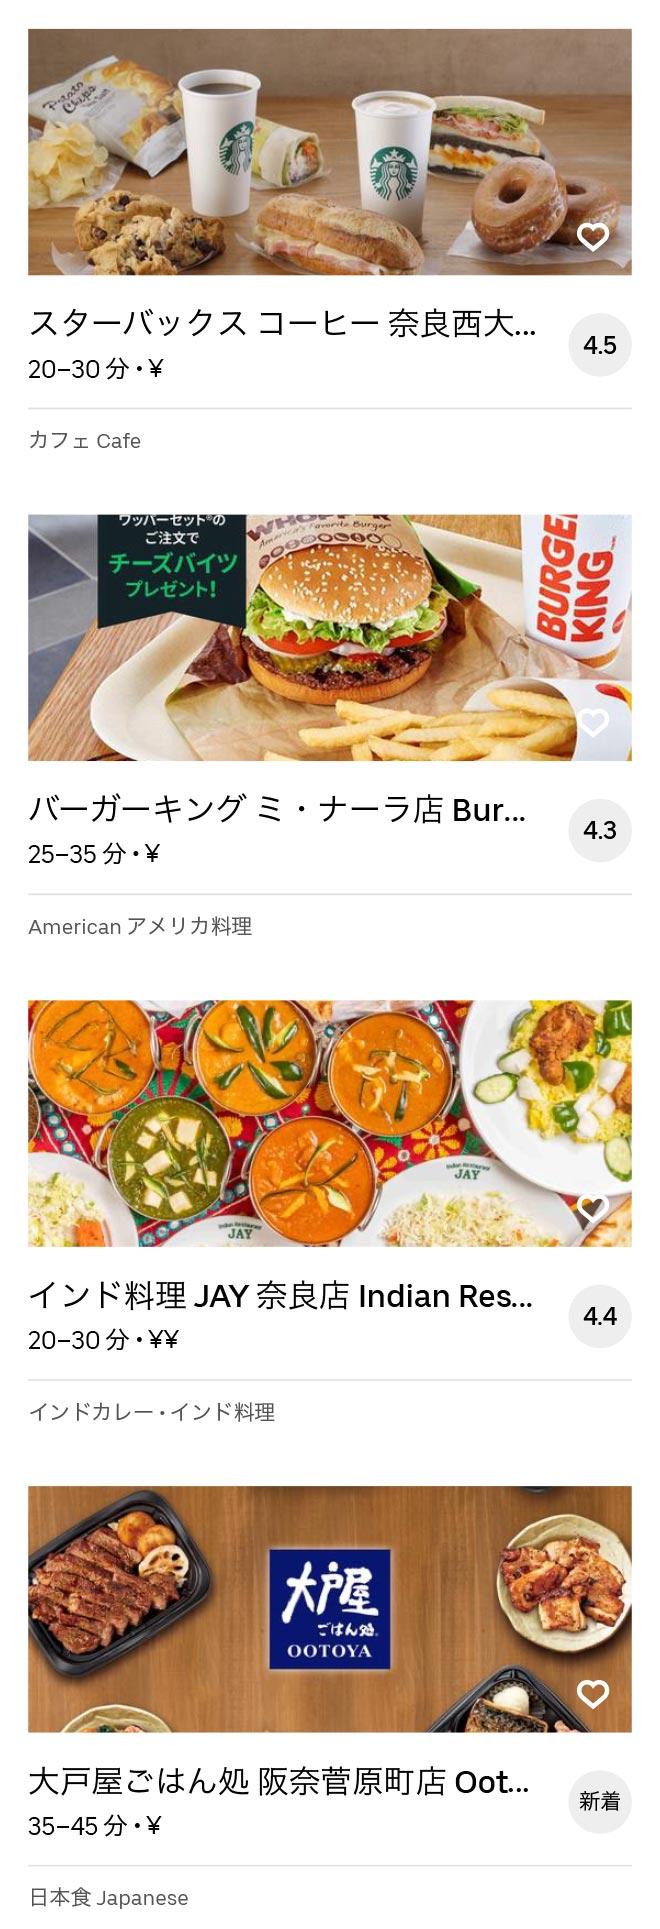 Nara saidaiji menu 2007 03